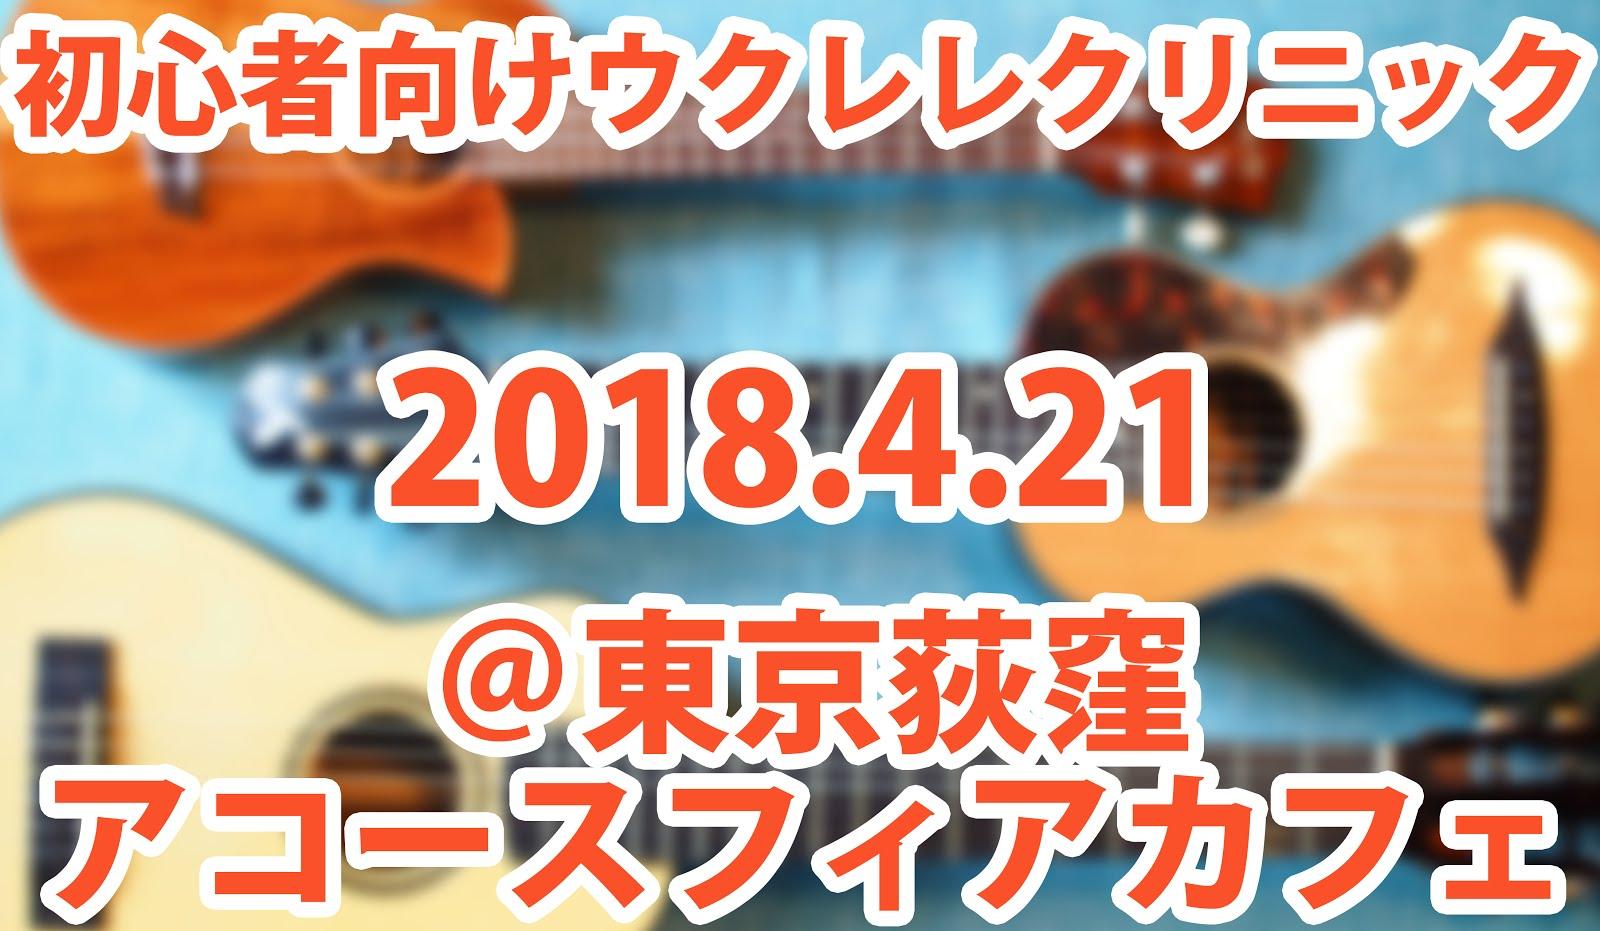 2018/4/21初心者向けウクレレクリニック@東京荻窪アコースフィアカフェ